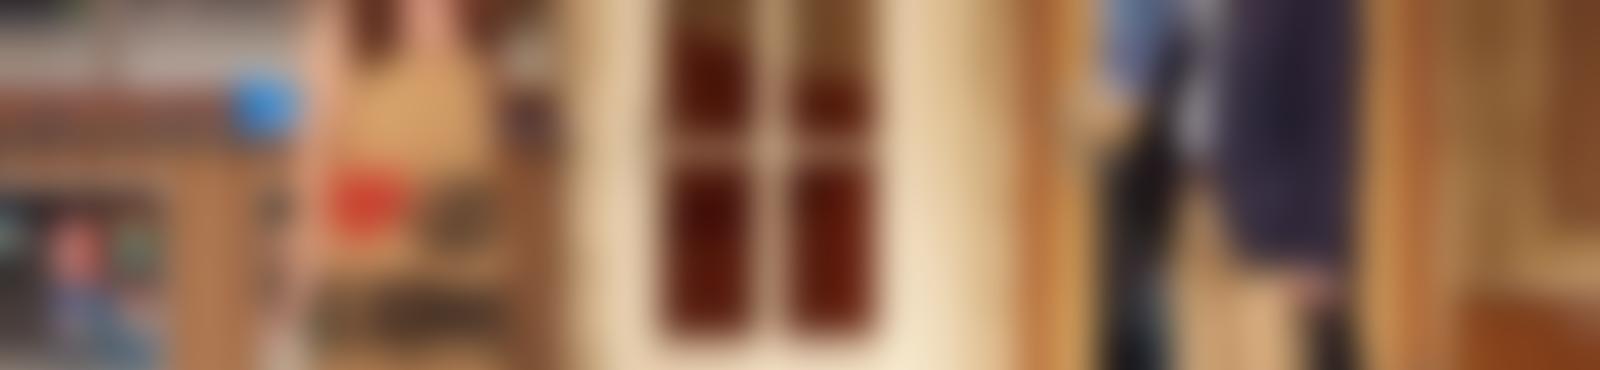 Blurred f05703f0 3ed9 4124 9db0 bd69c53201d4